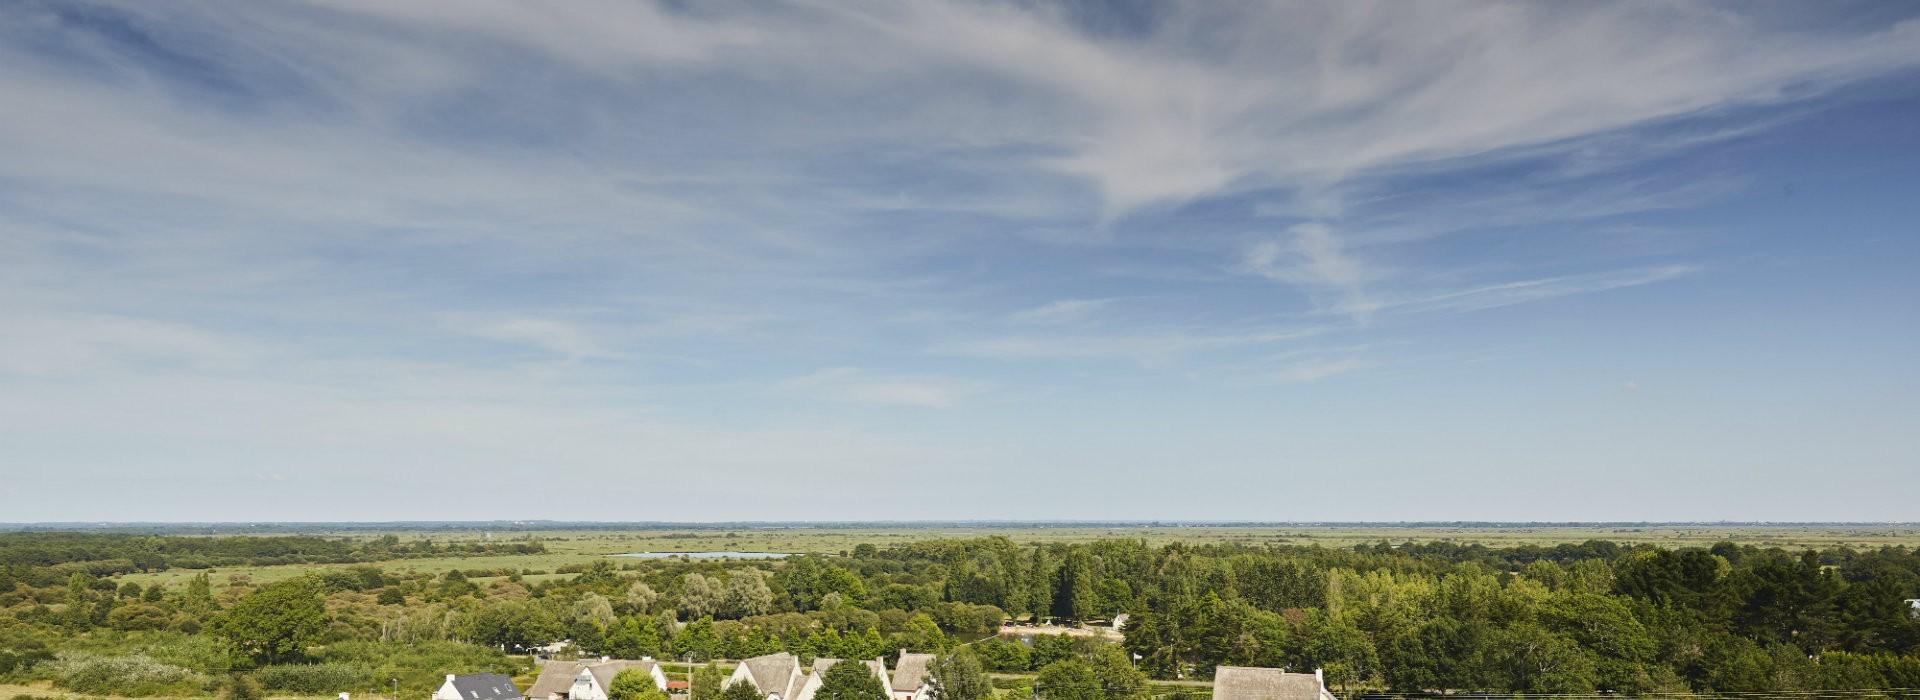 La Brière vue depuis le cocher de Saint-Lyphard - Alexandre Lamoureux